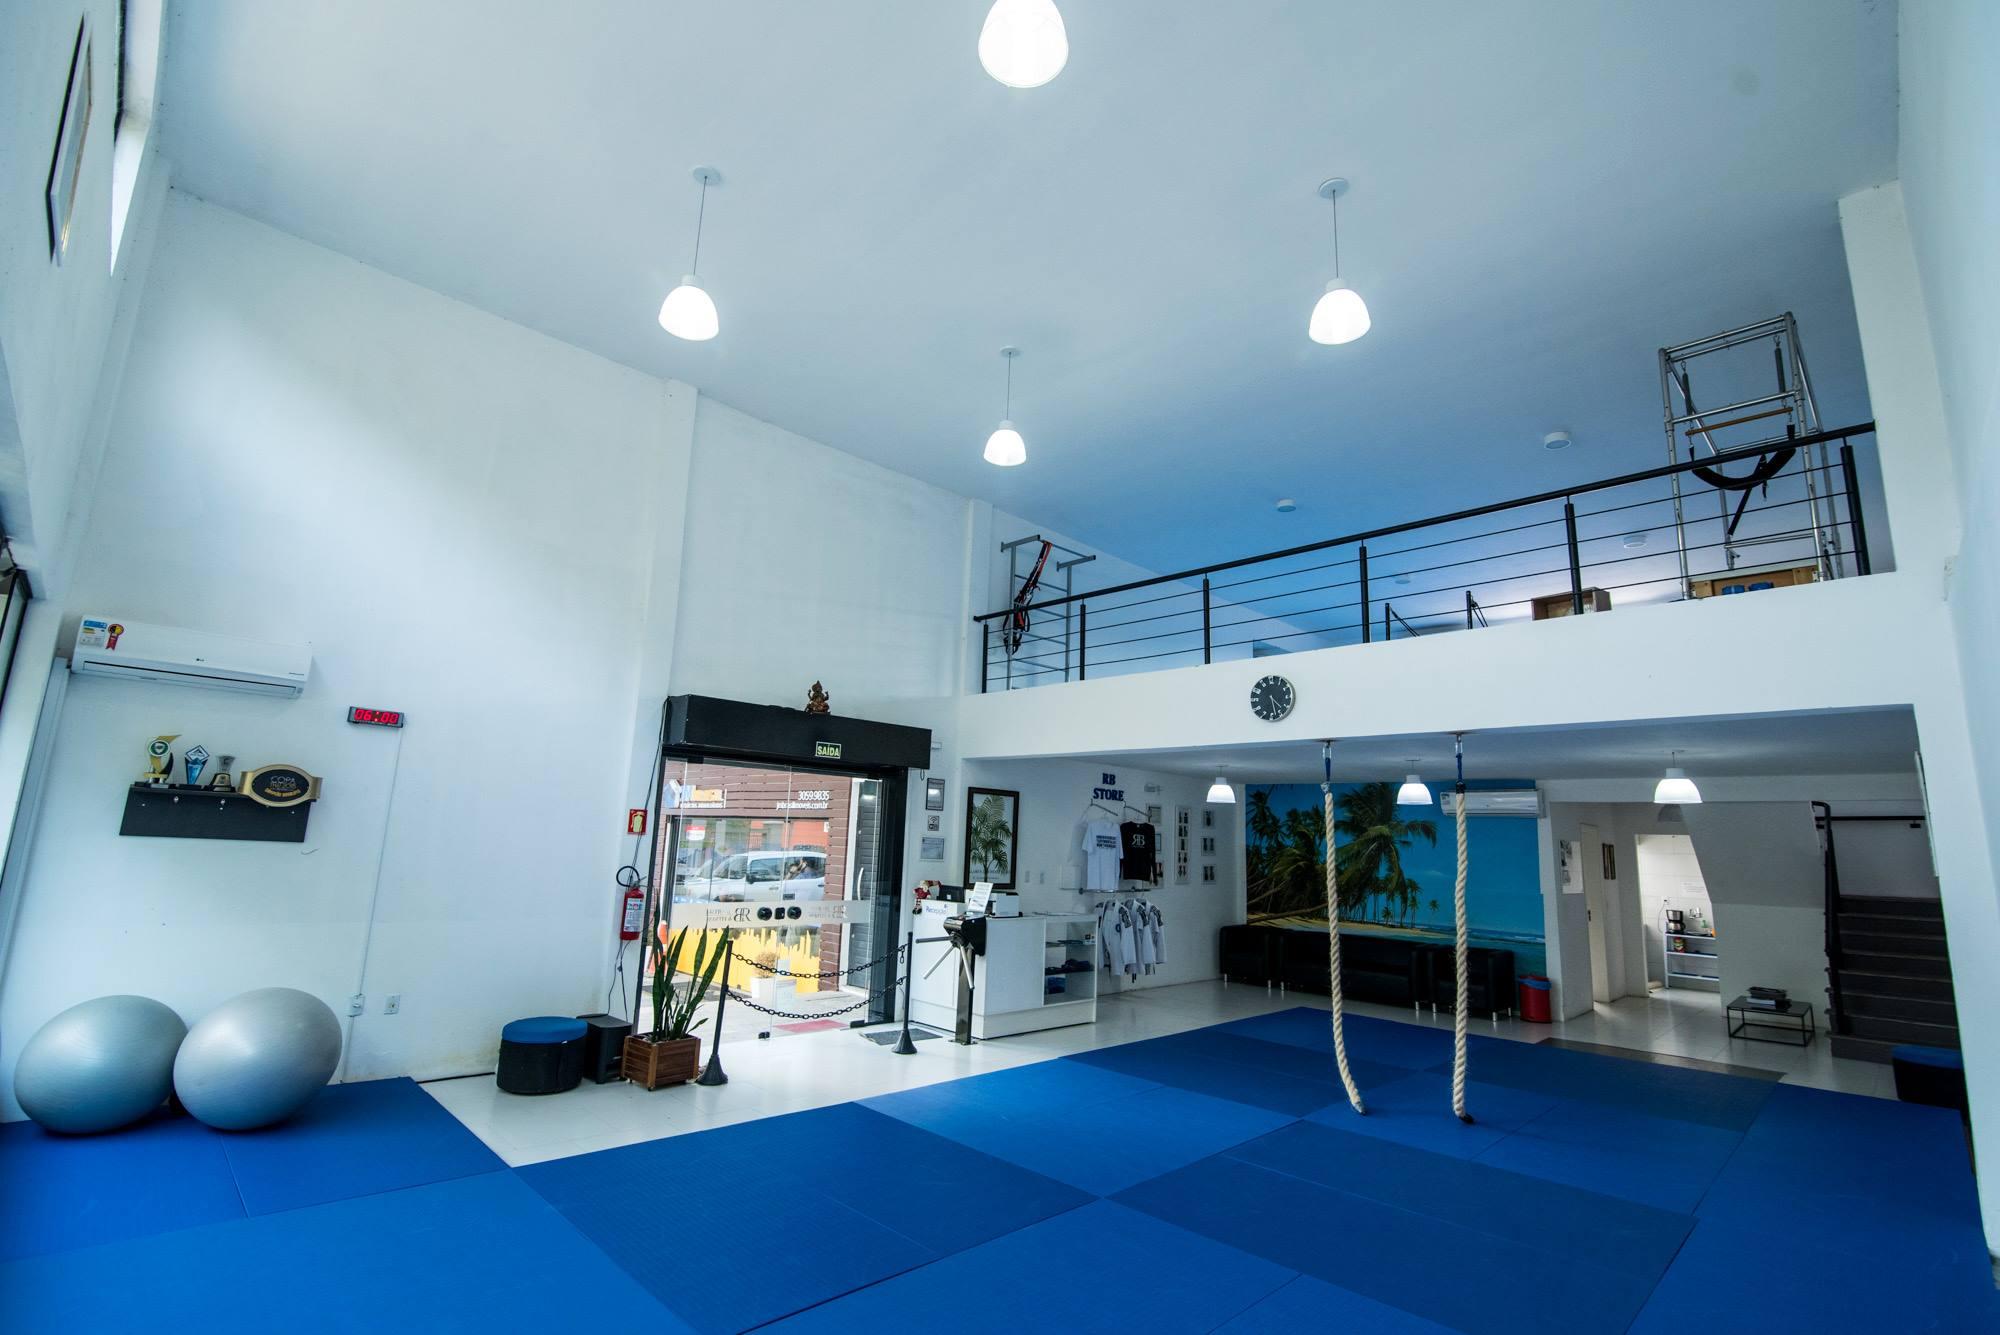 As instalações da RB Jiu-Jitsu em Canoas: nosso GMI oferece inclusive Jiu-Jitsu de graça no fim de semana.